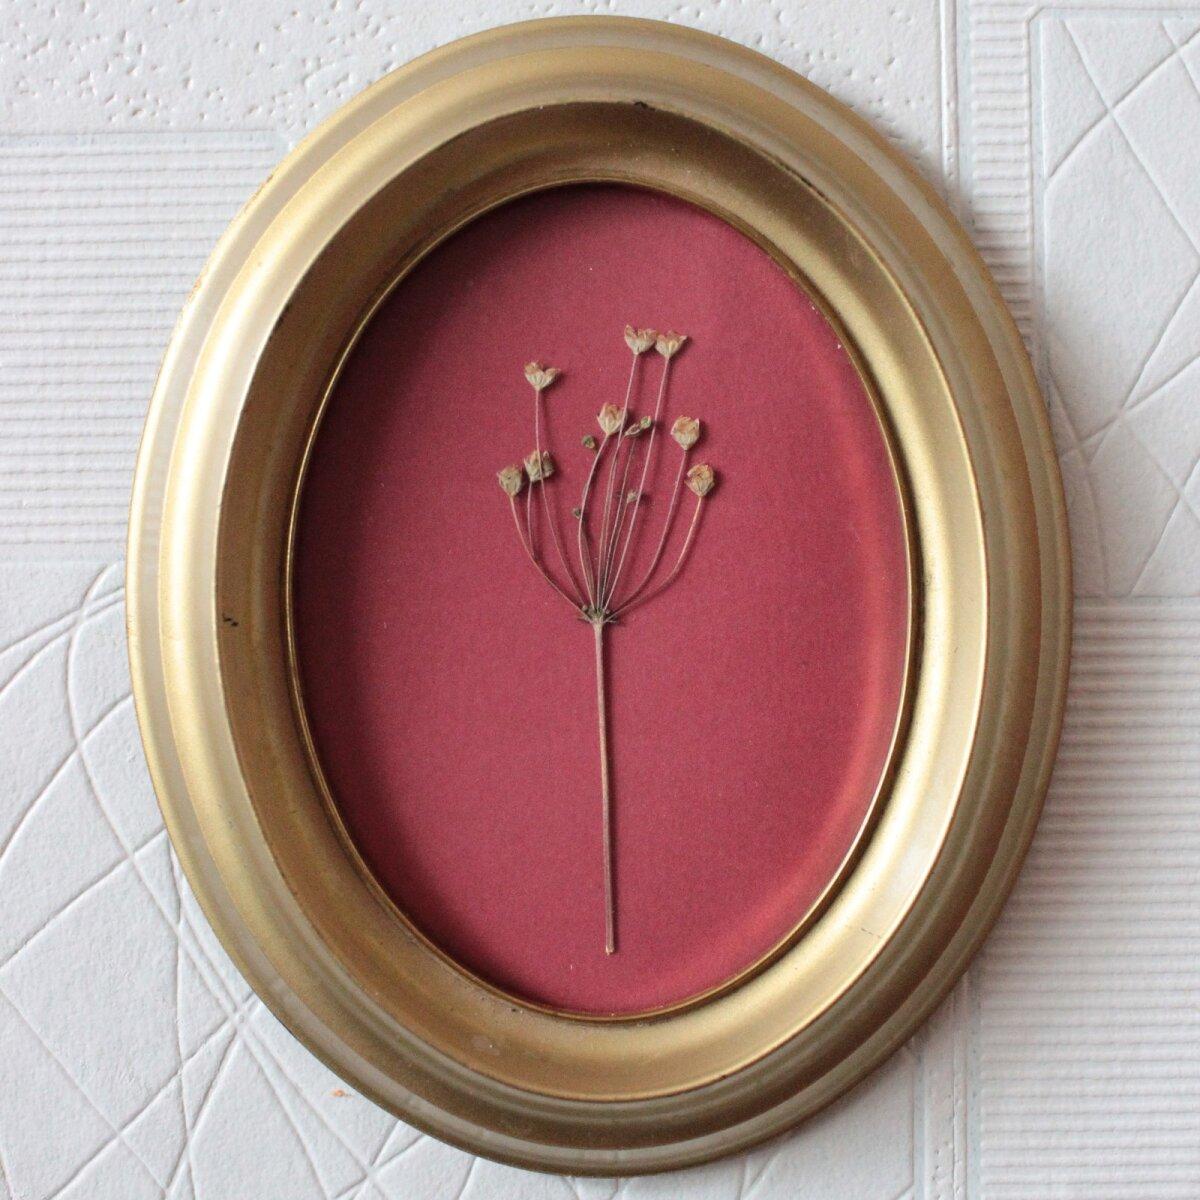 Kuivatatud taim raamis on omapärane kunstiteos, kuid ka kaunis mälestus.